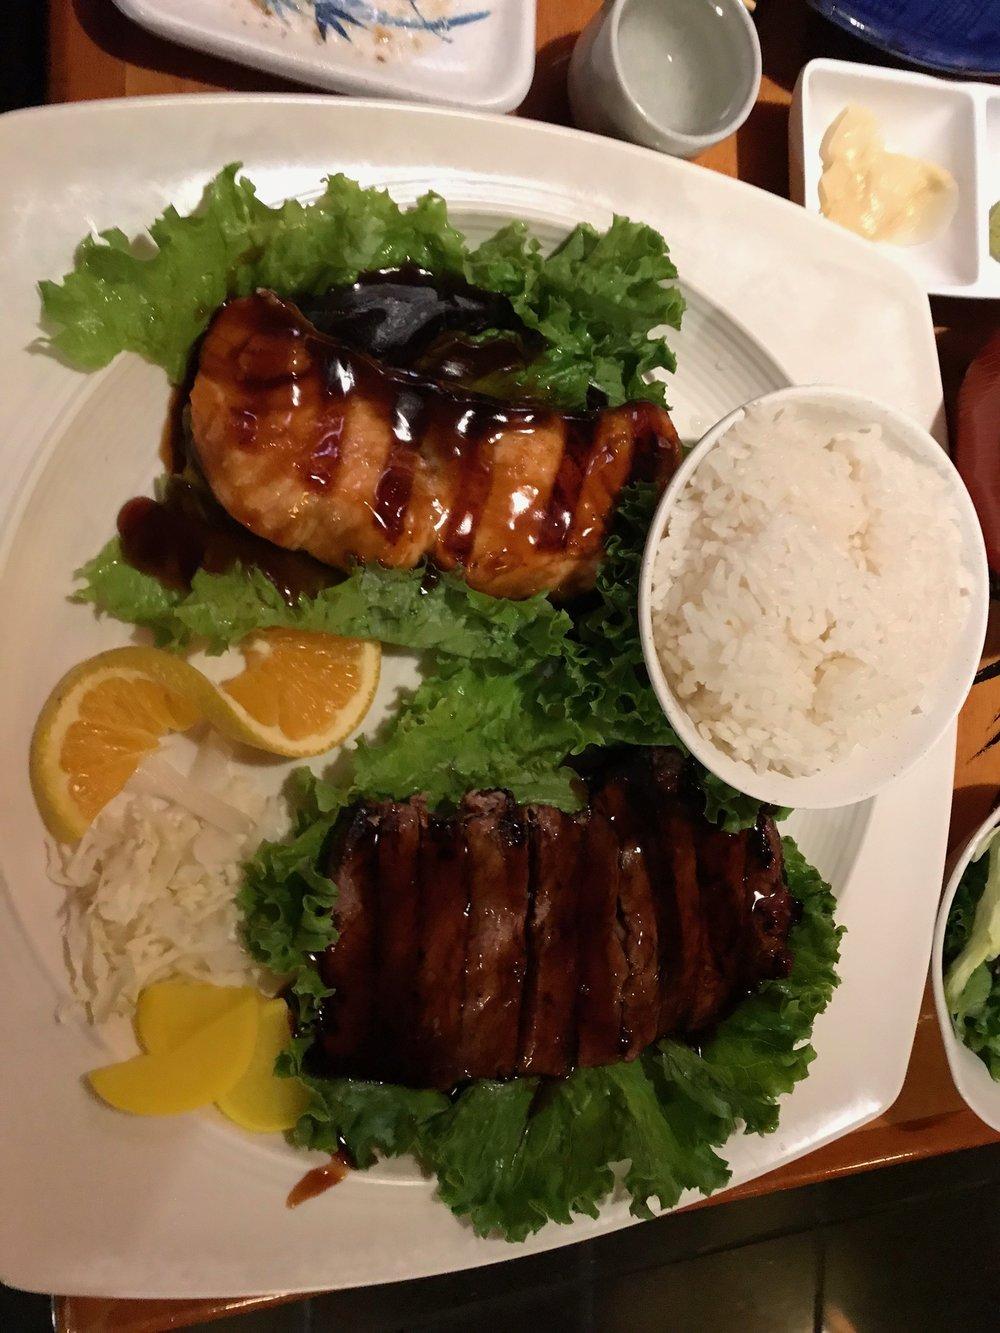 Salmon & Steak comboIMG_2750.jpg